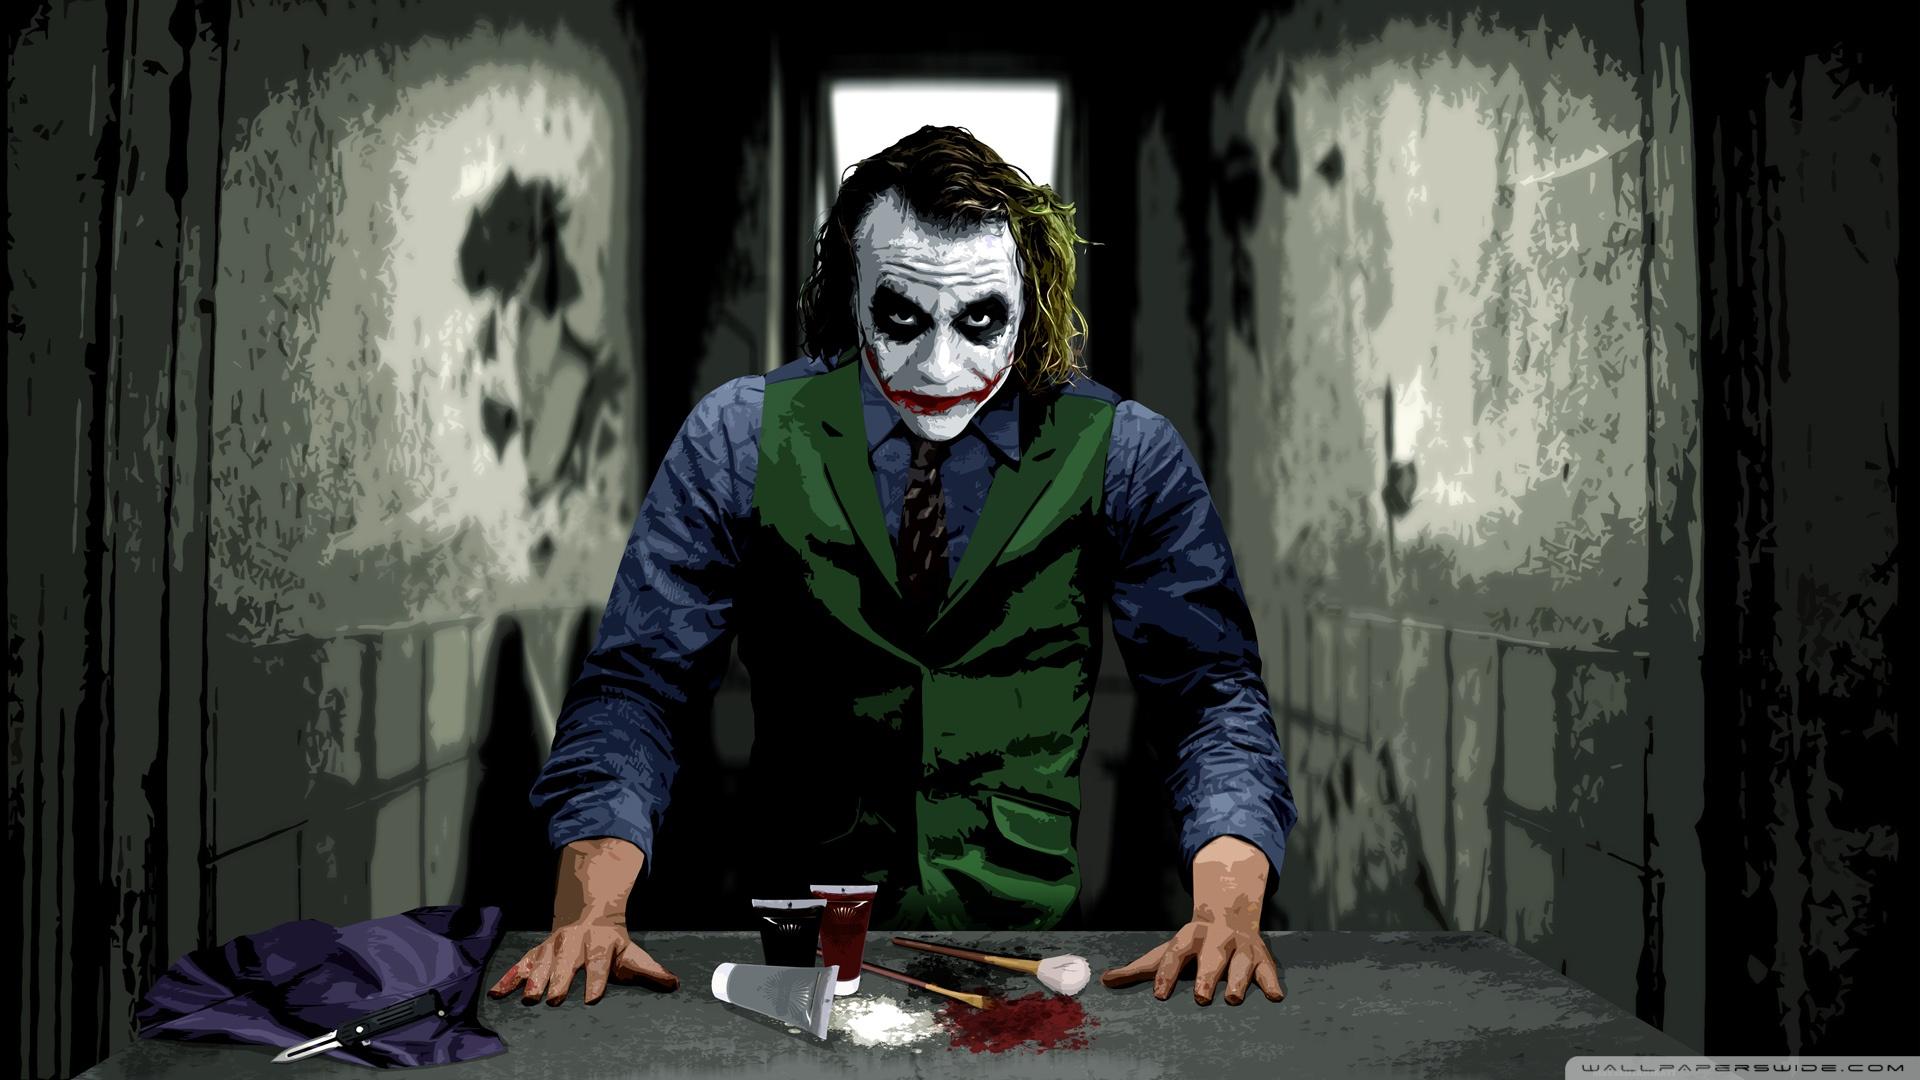 joker heath ledger wallpaper - photo #21